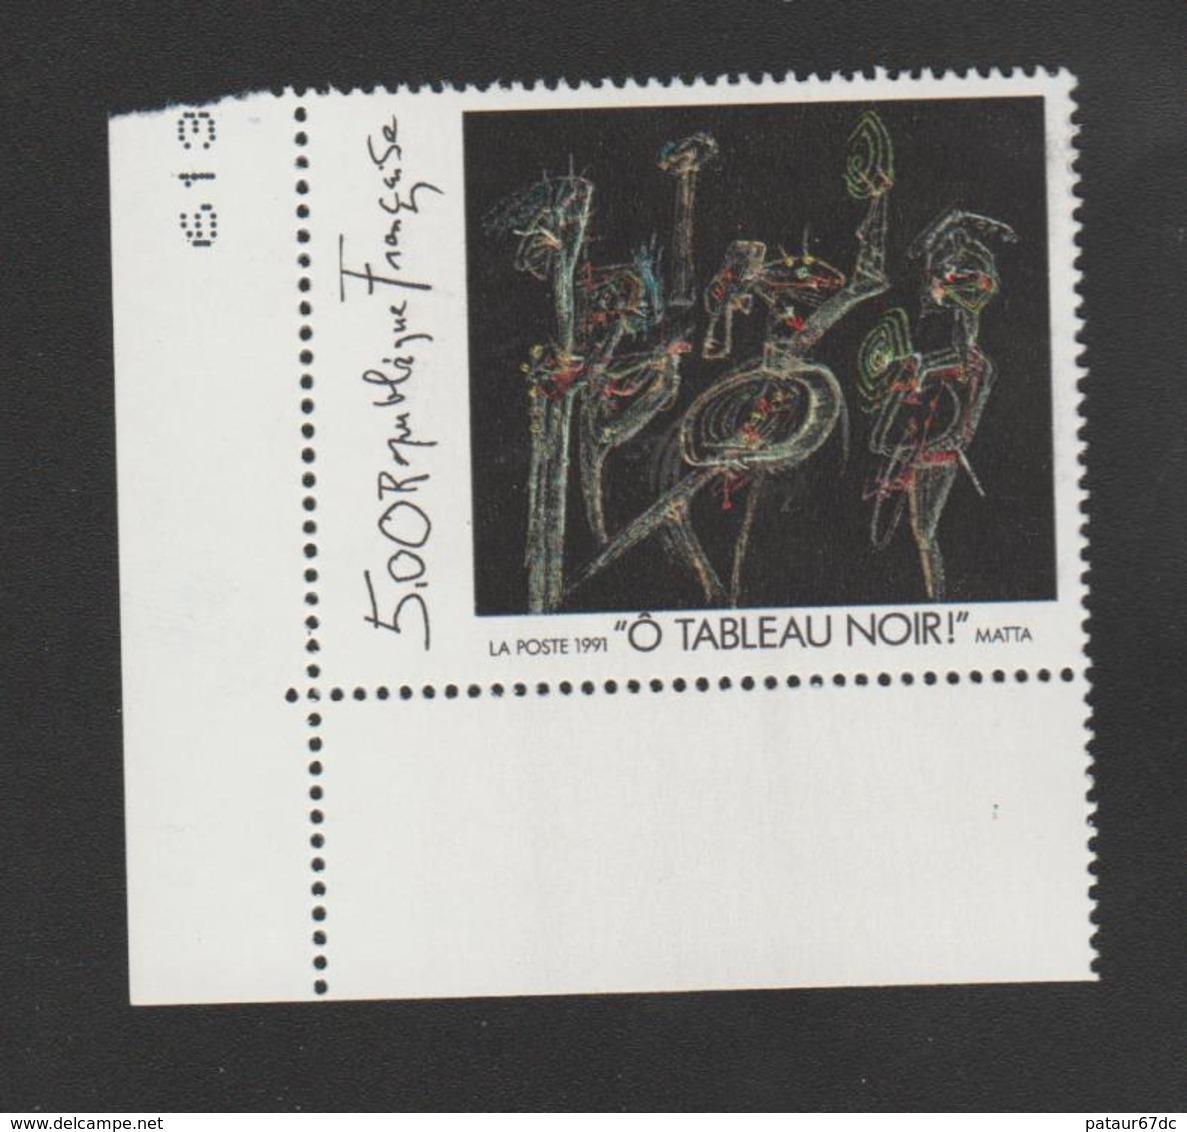 """FRANCE / 1991 / Y&T N° 2731 ** : """"Ô Tableau Noir"""" (Roberto Matta) X 1 CdF Inf G - France"""